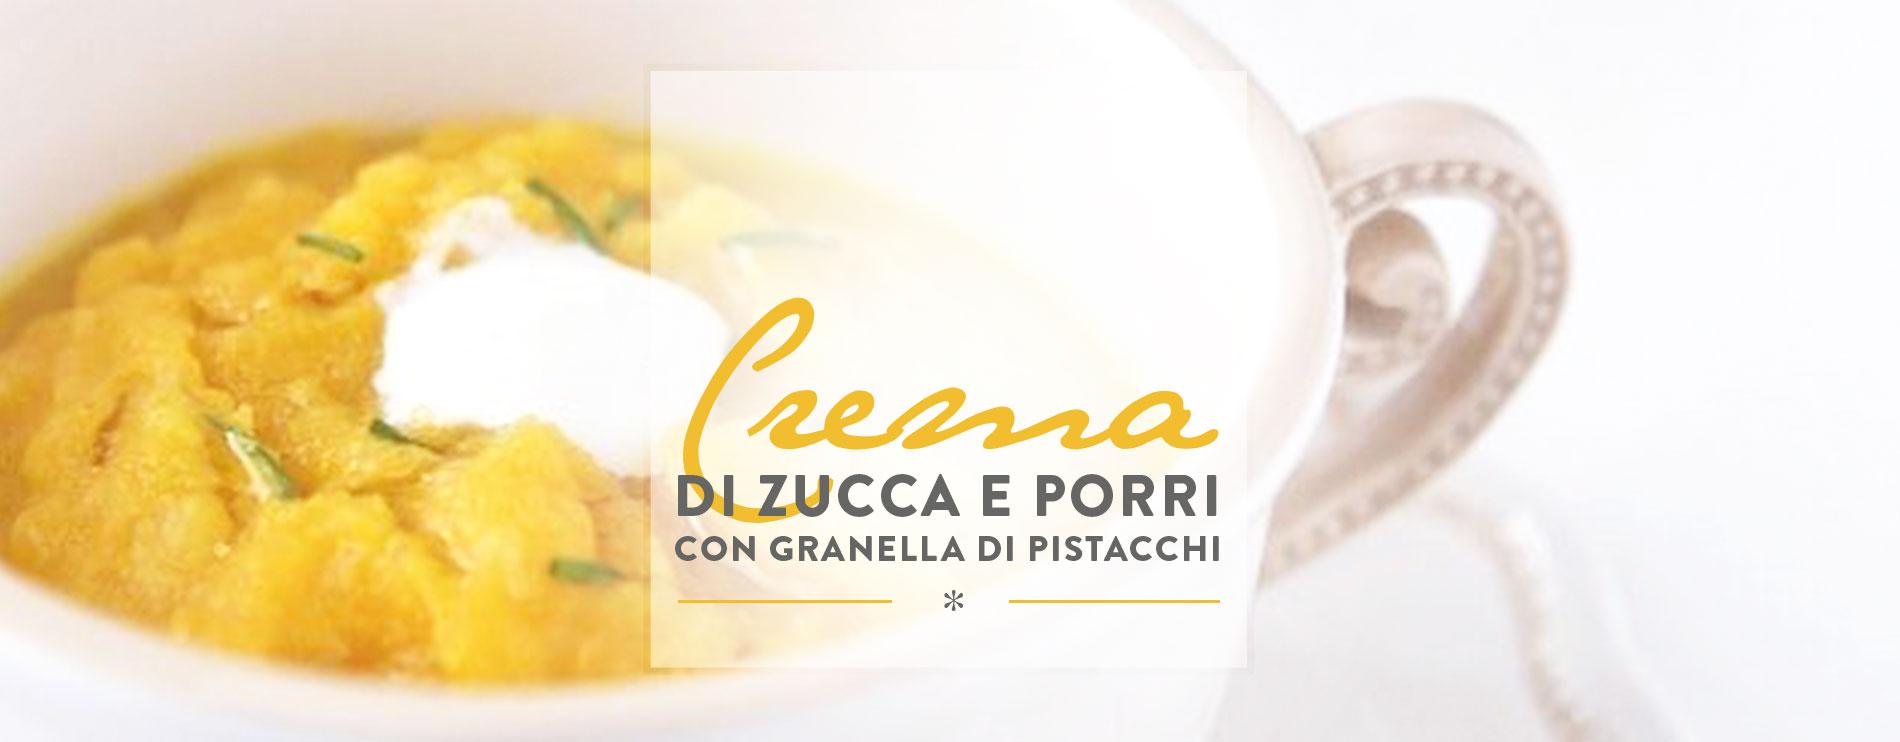 Crema-di-zucca-e-porri-con-granella-di-pistacchi-header